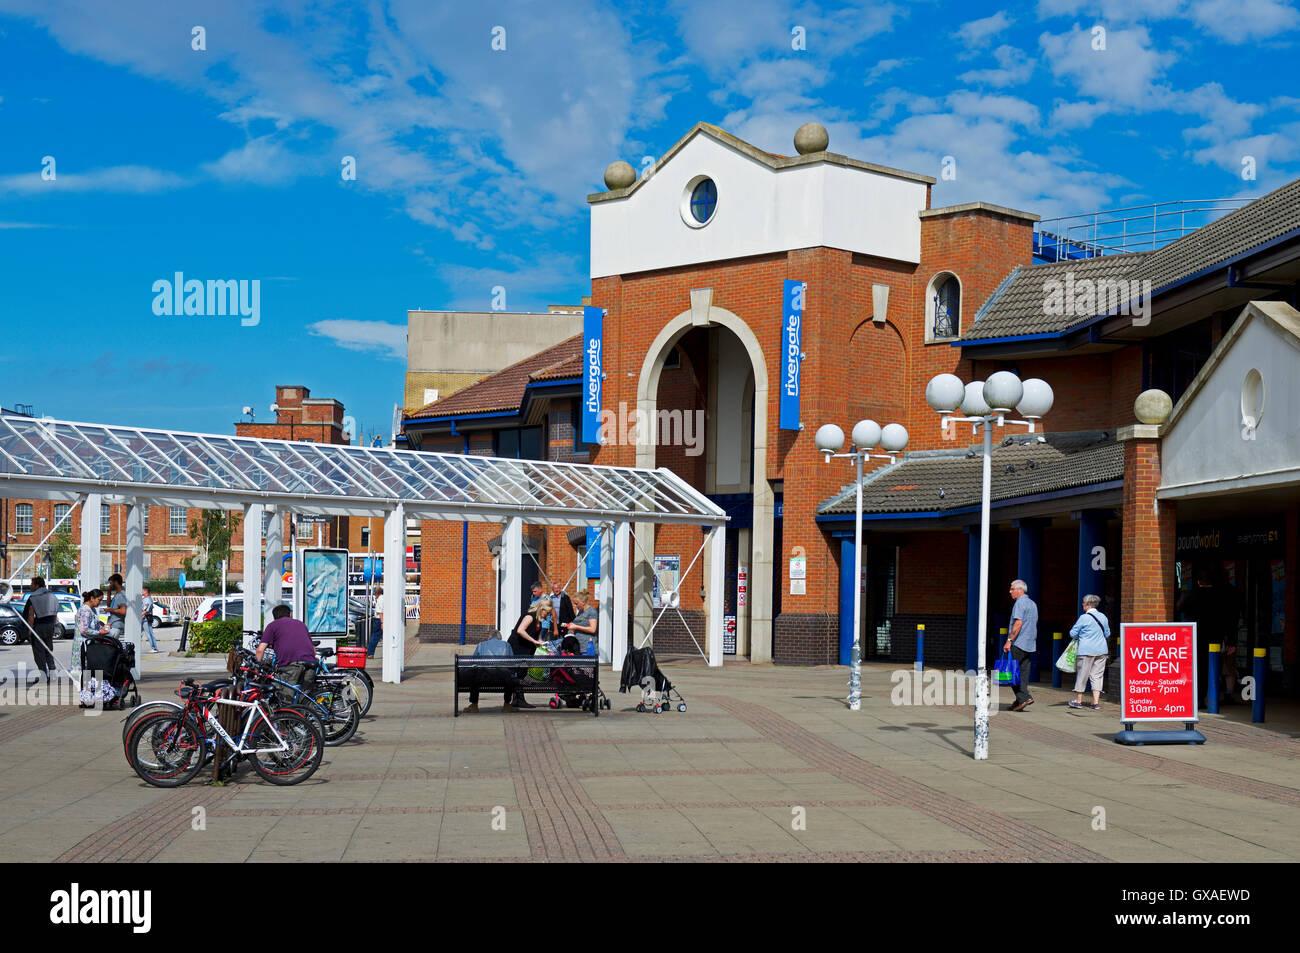 Rivergate shopping centre, Peterborough, Cambridgeshire, England UK - Stock Image